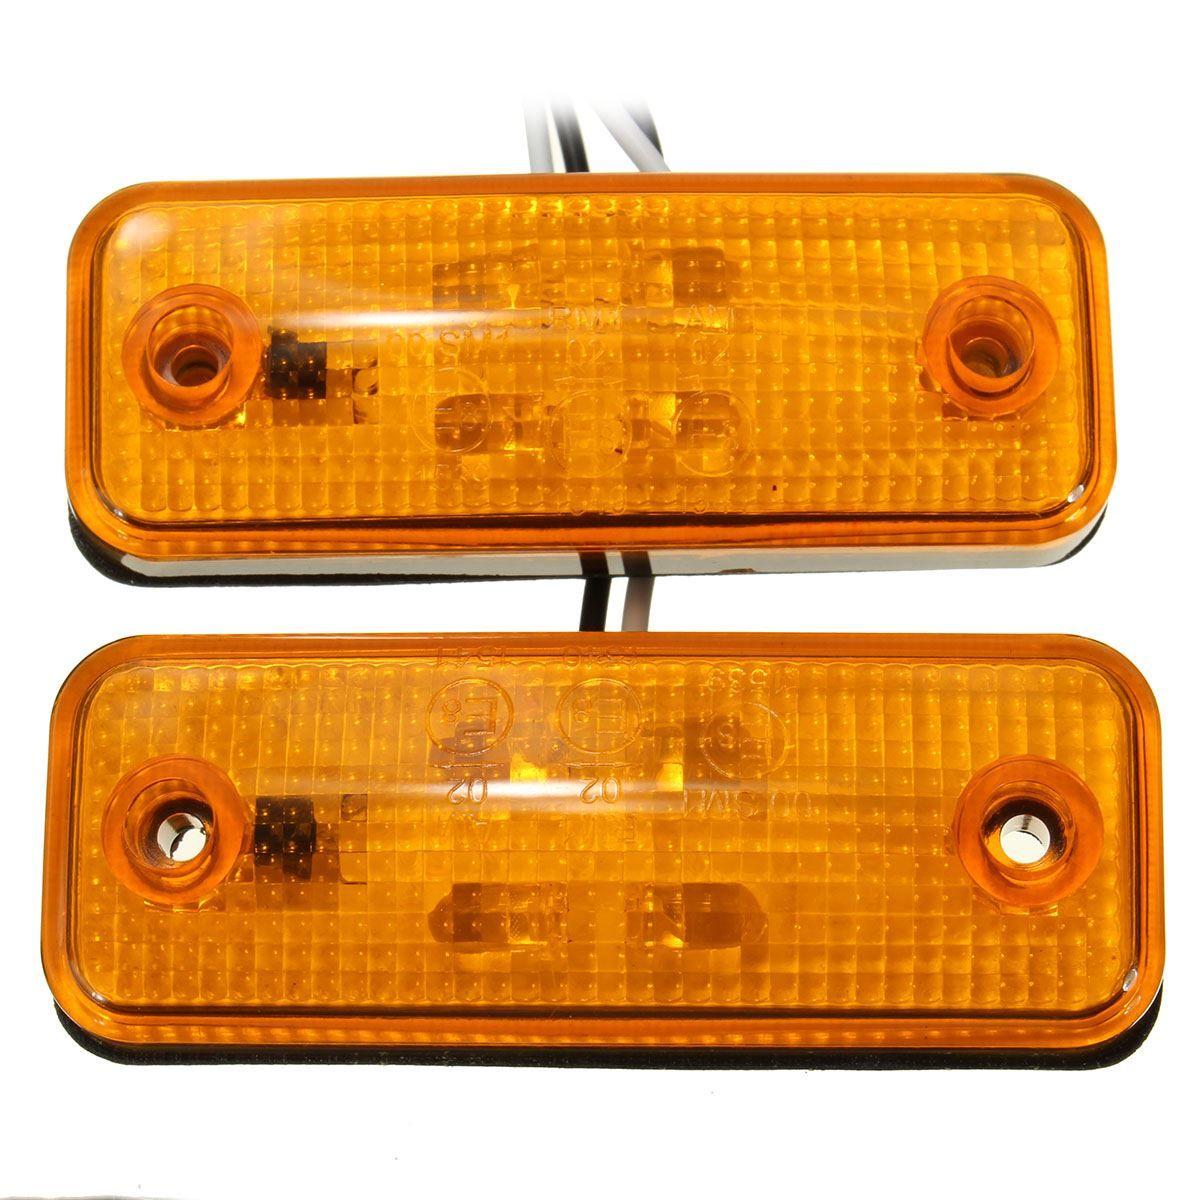 2 шт. 4 Боковой габаритный фонарь светодиодный индикатор Автобус Грузовик Прицепы Грузовик Караван 10 ~ 30 В e8